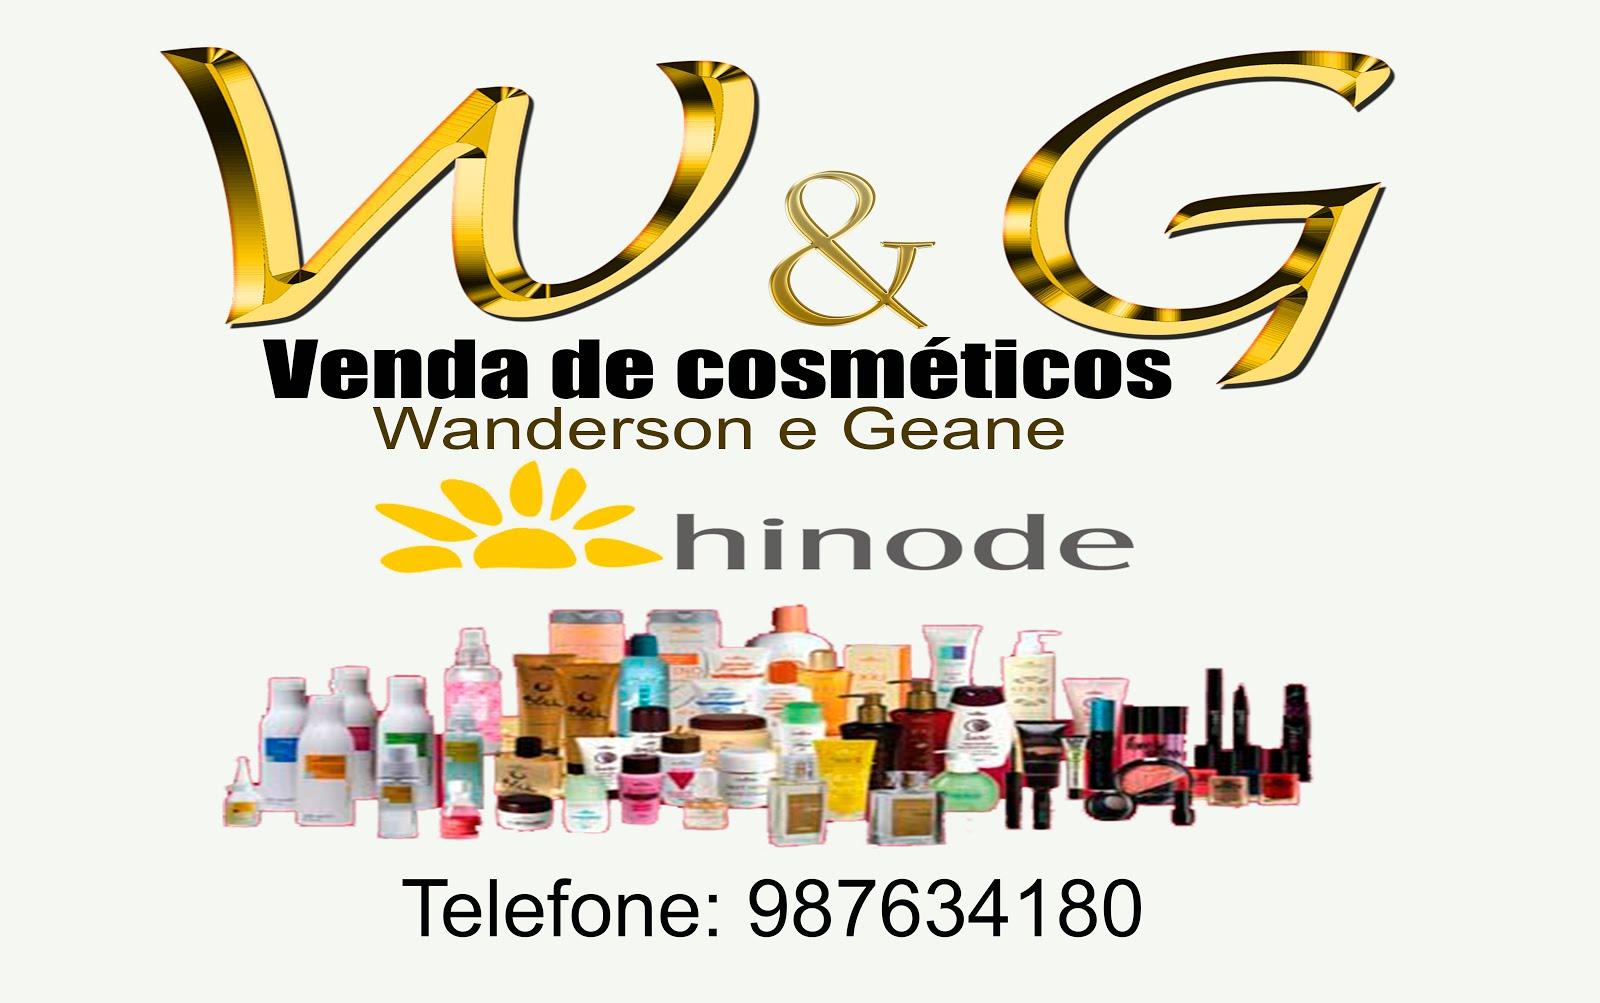 W&G vendas de cosméticos